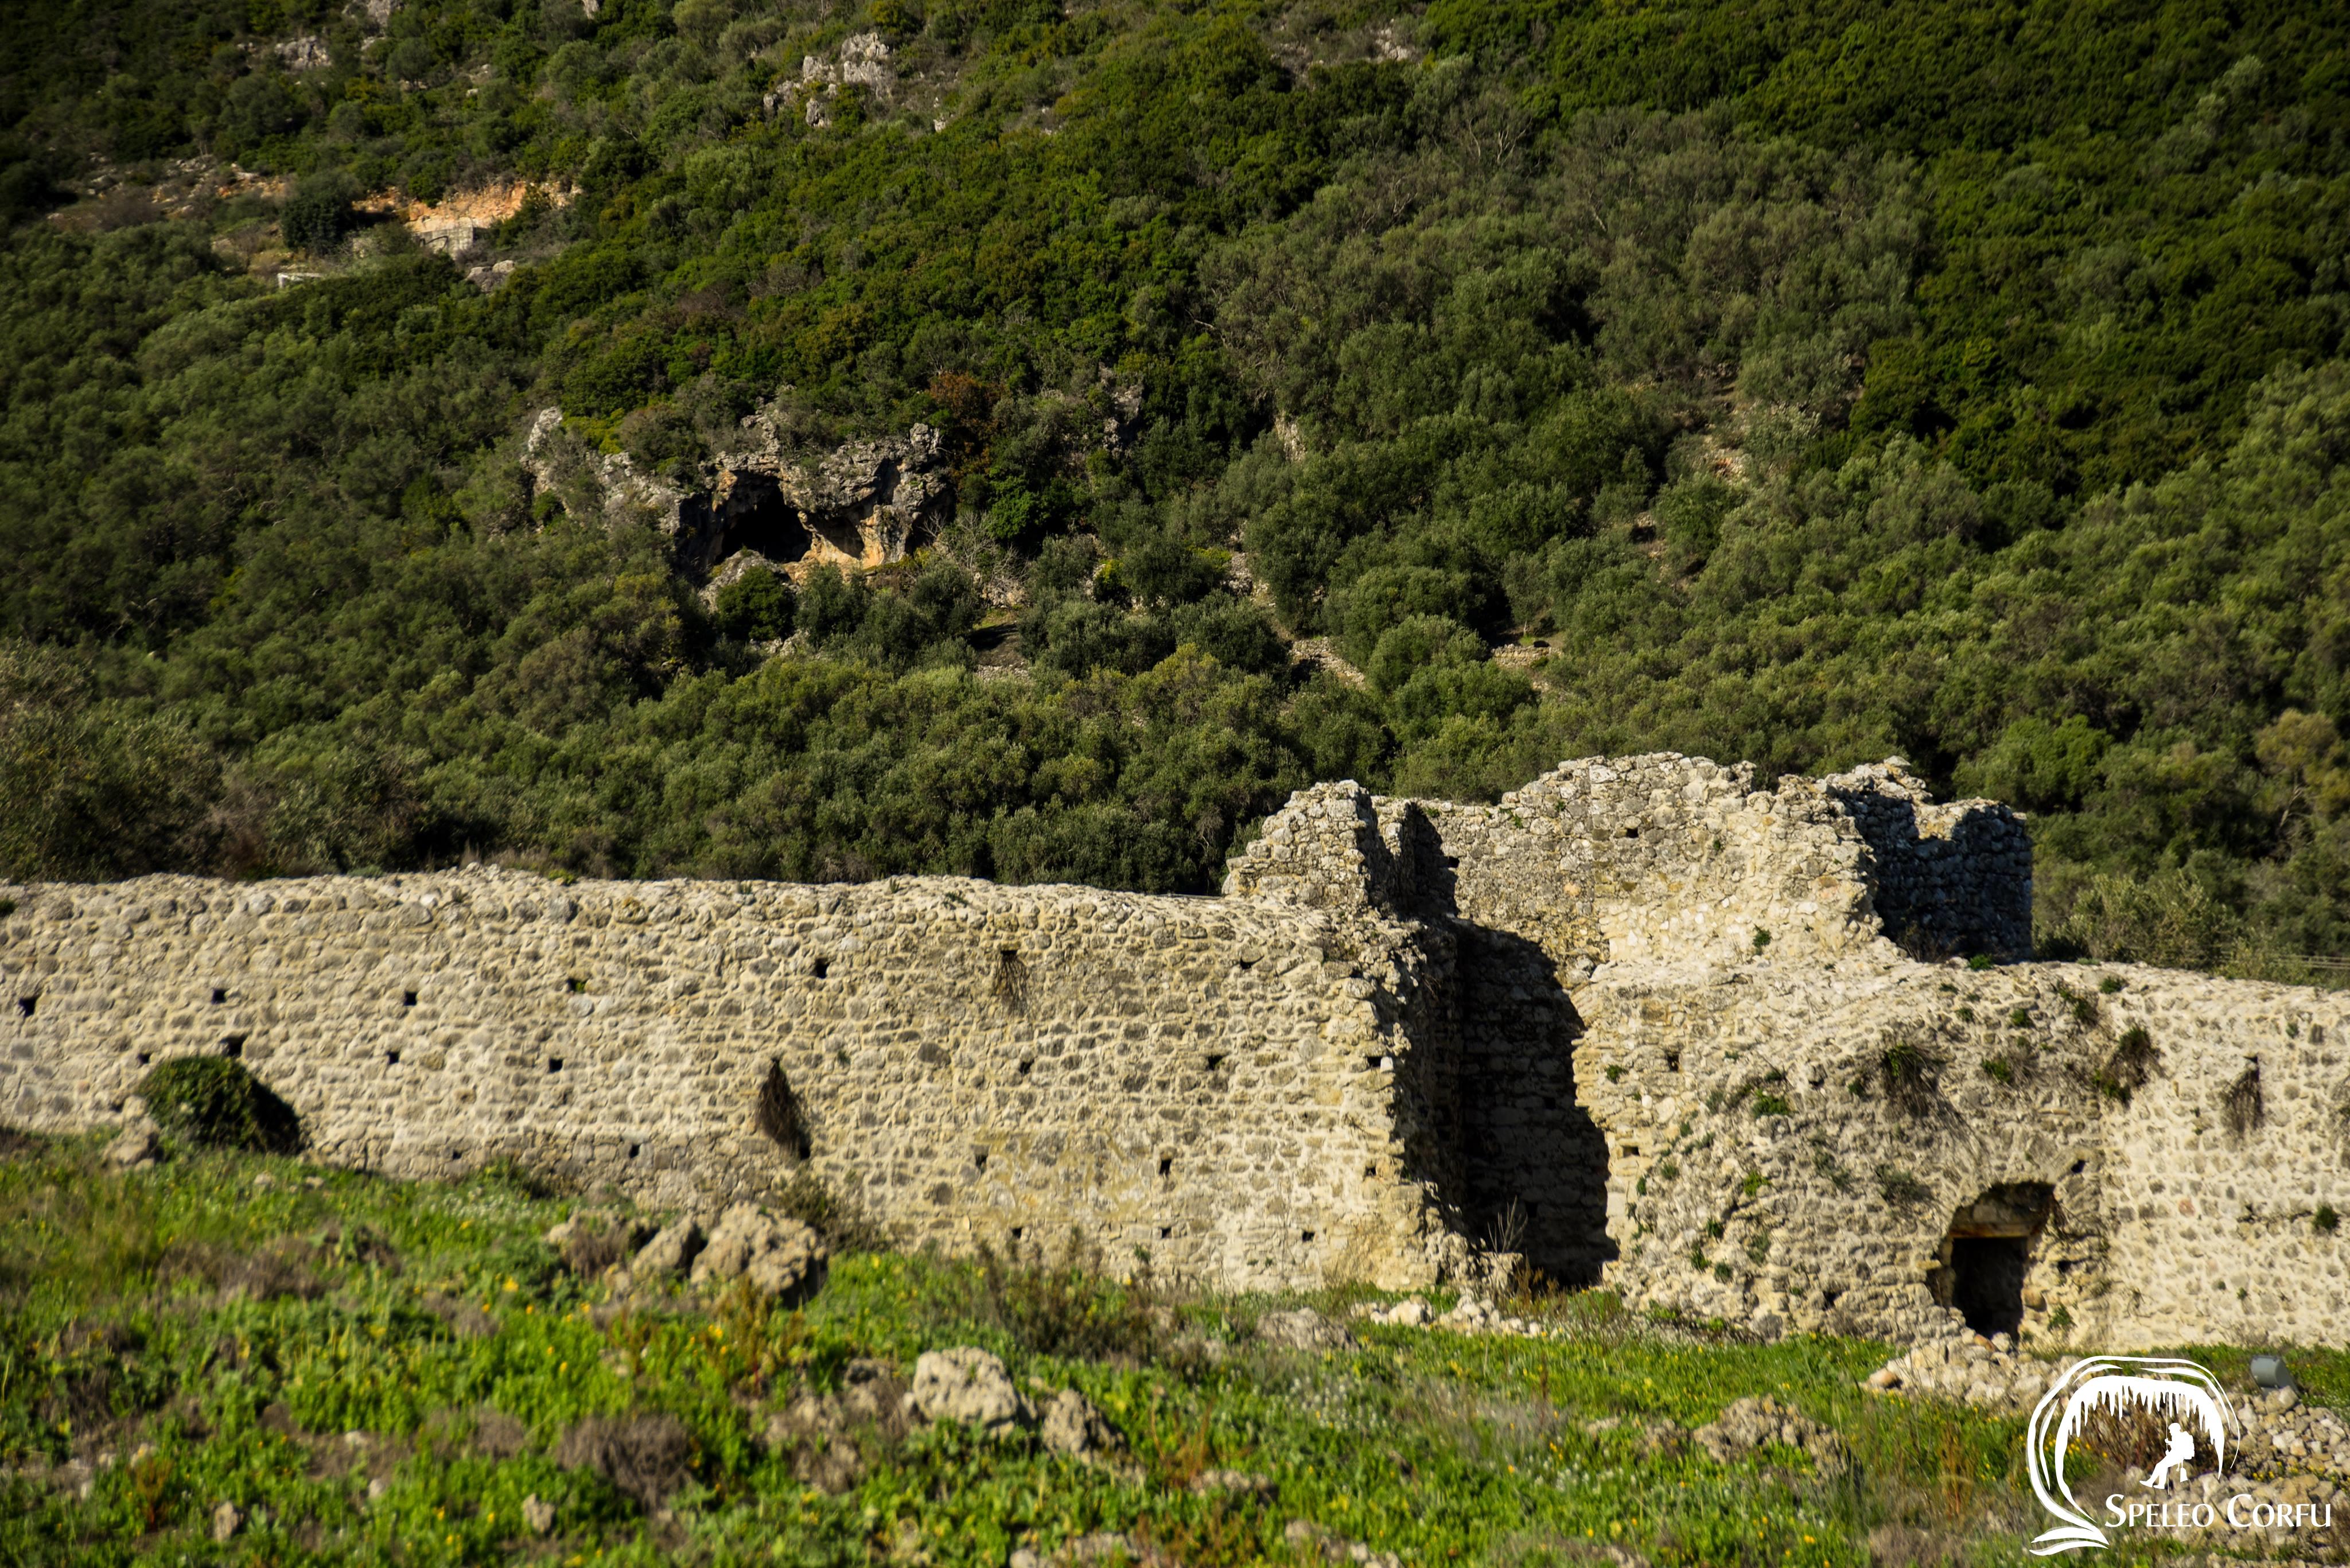 Το σπήλαιο Γράβα Γαρδικίου χρονολογείται από το 20.000 π.Χ